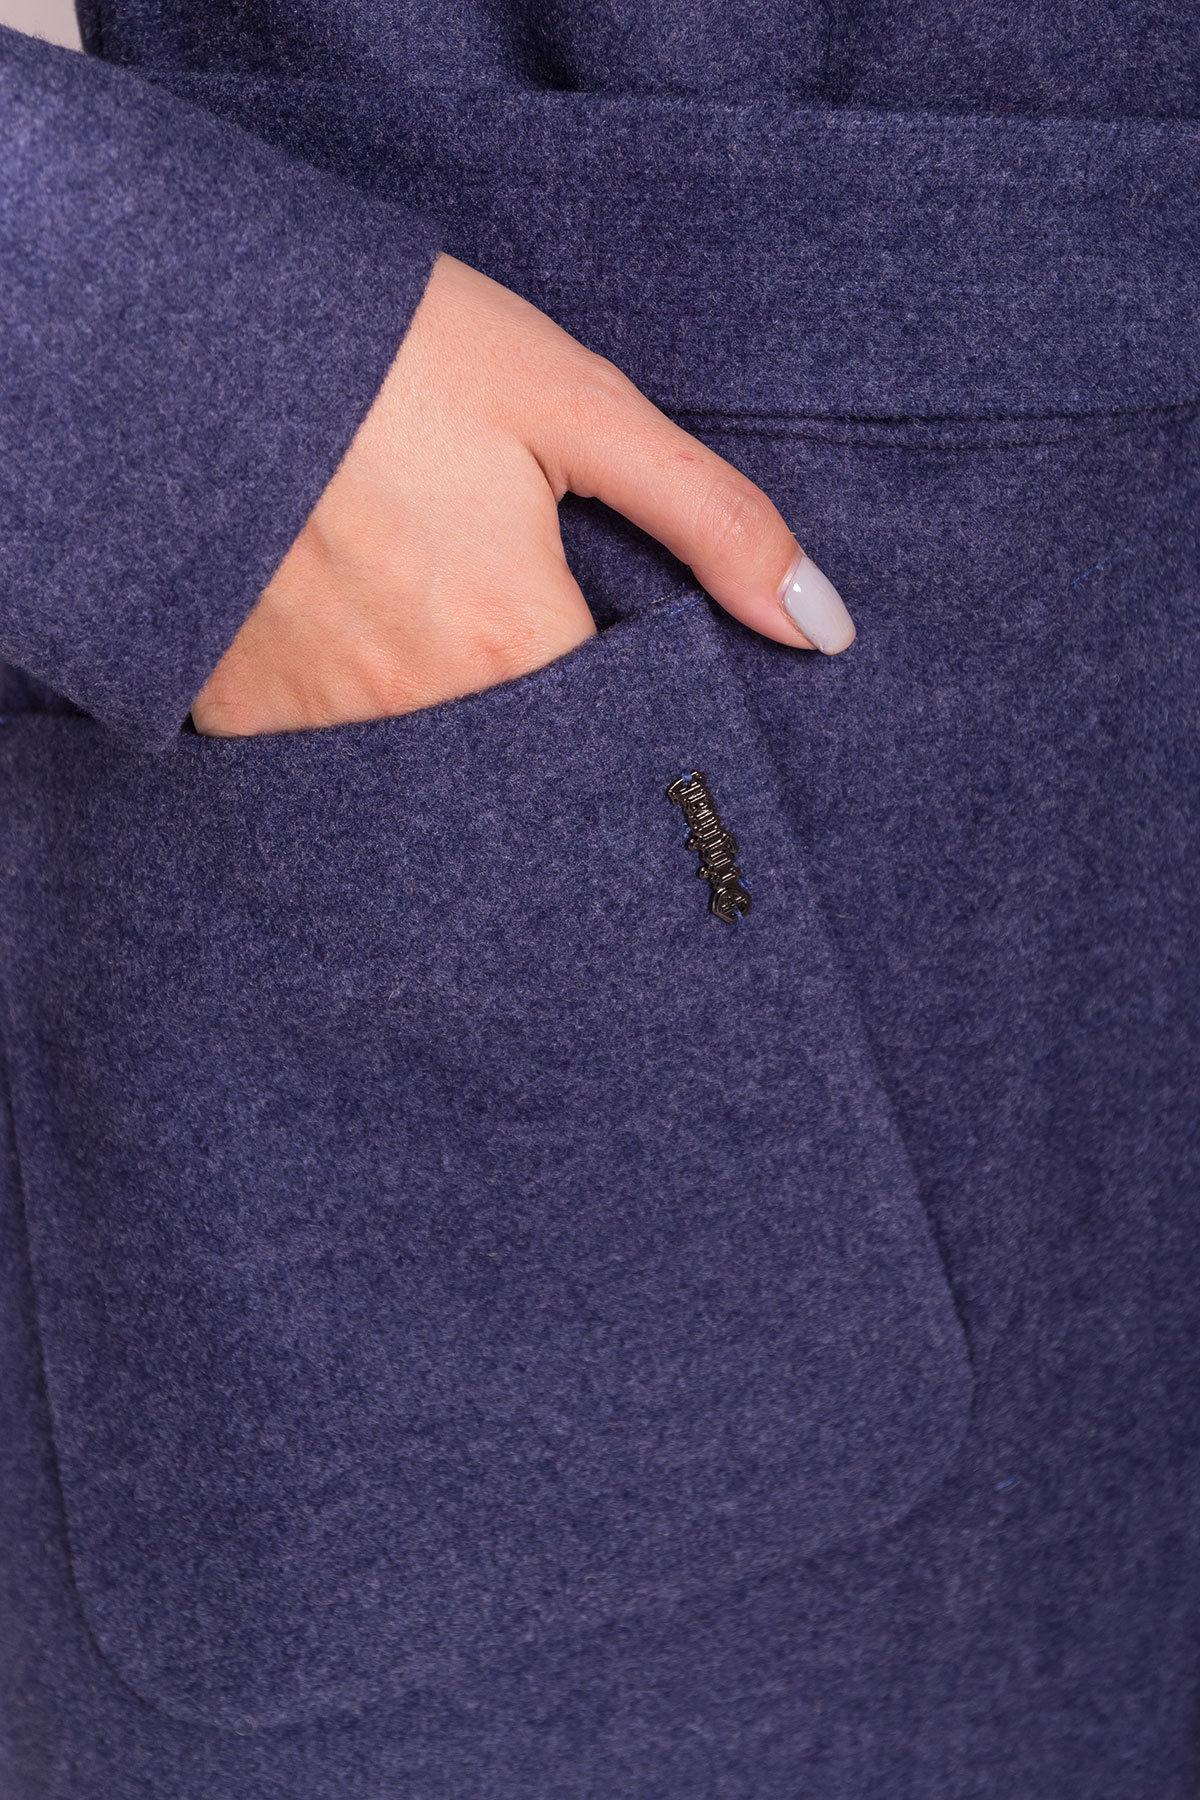 Пальто зима с меховым воротником стойкой Габи 4175 АРТ. 36700 Цвет: Джинс - фото 6, интернет магазин tm-modus.ru